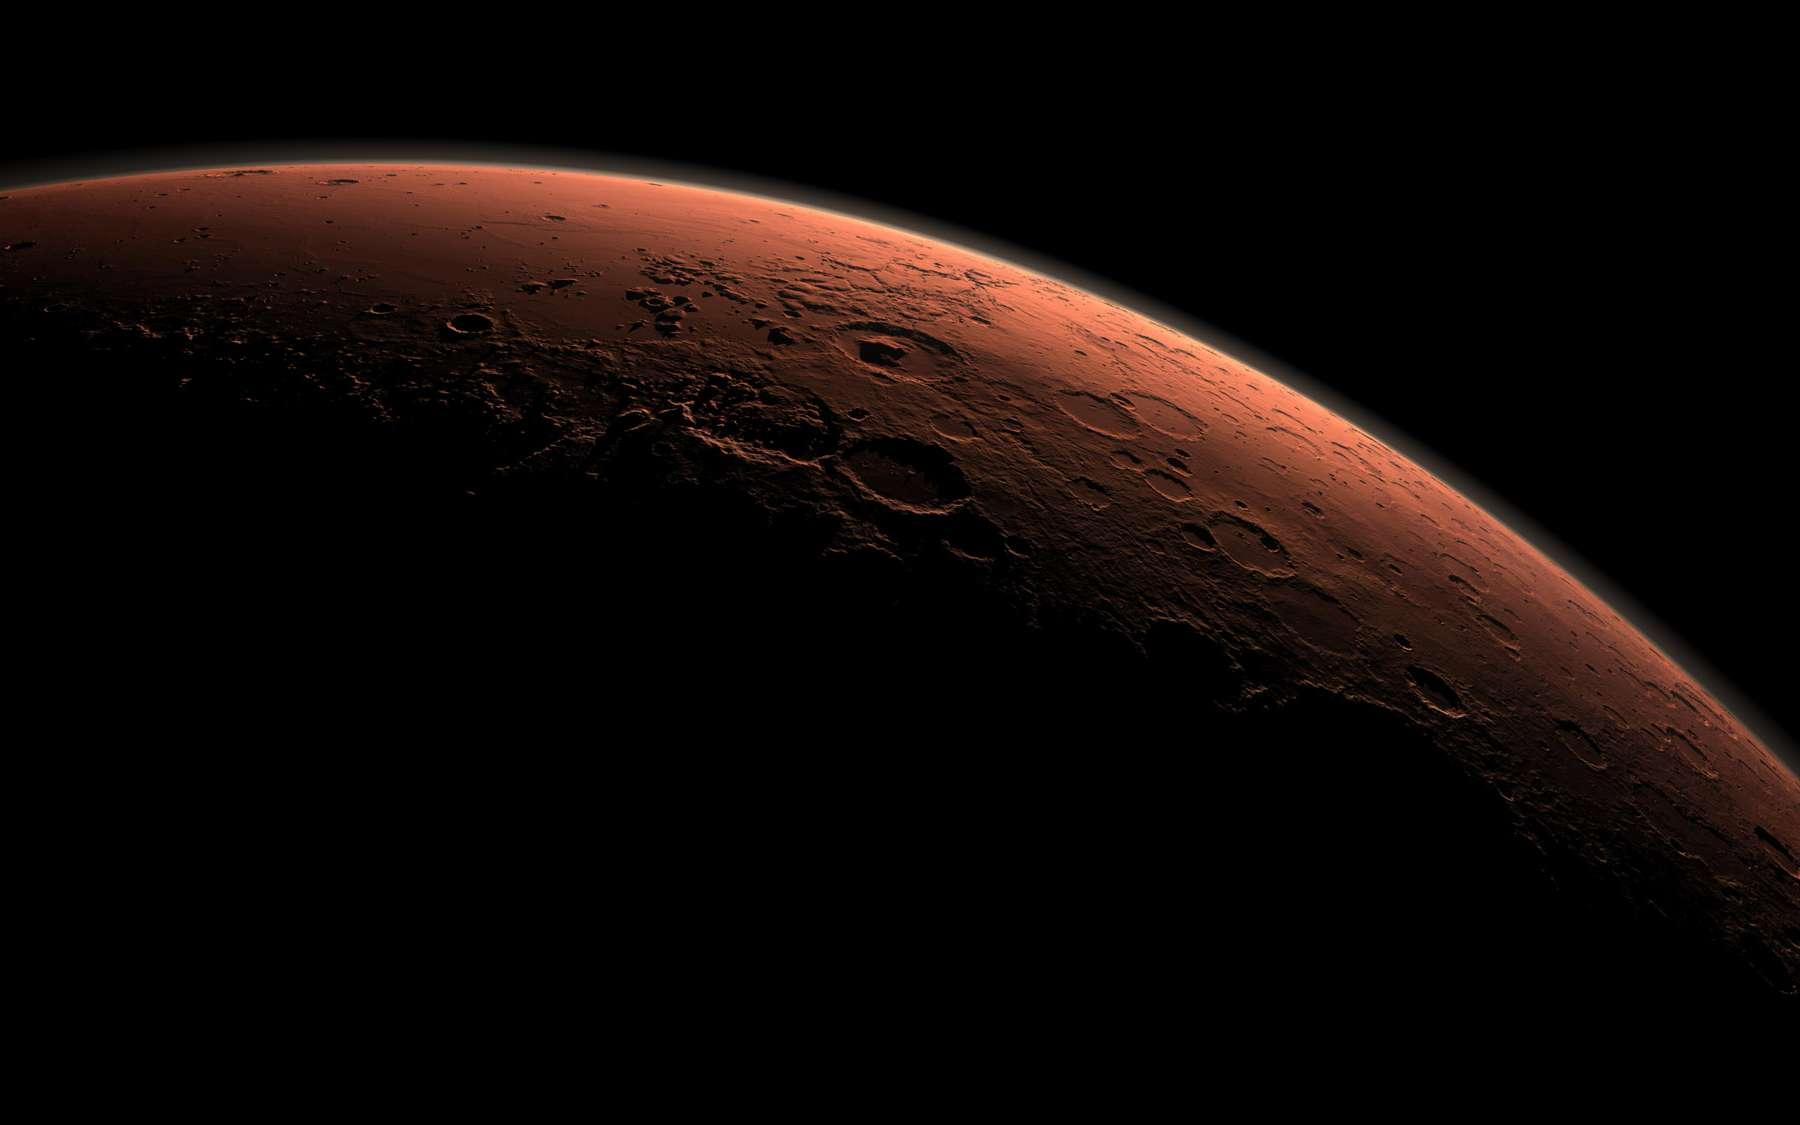 En montant à bord de la mission ExoMars 2016, la Russie n'abandonne pas la planète Mars malgré les deux échecs retentissants qui ont marqué son programme martien, Phobos-Grunt en 2011 et Mars 96 en 1996. © Nasa/JPL-Caltech